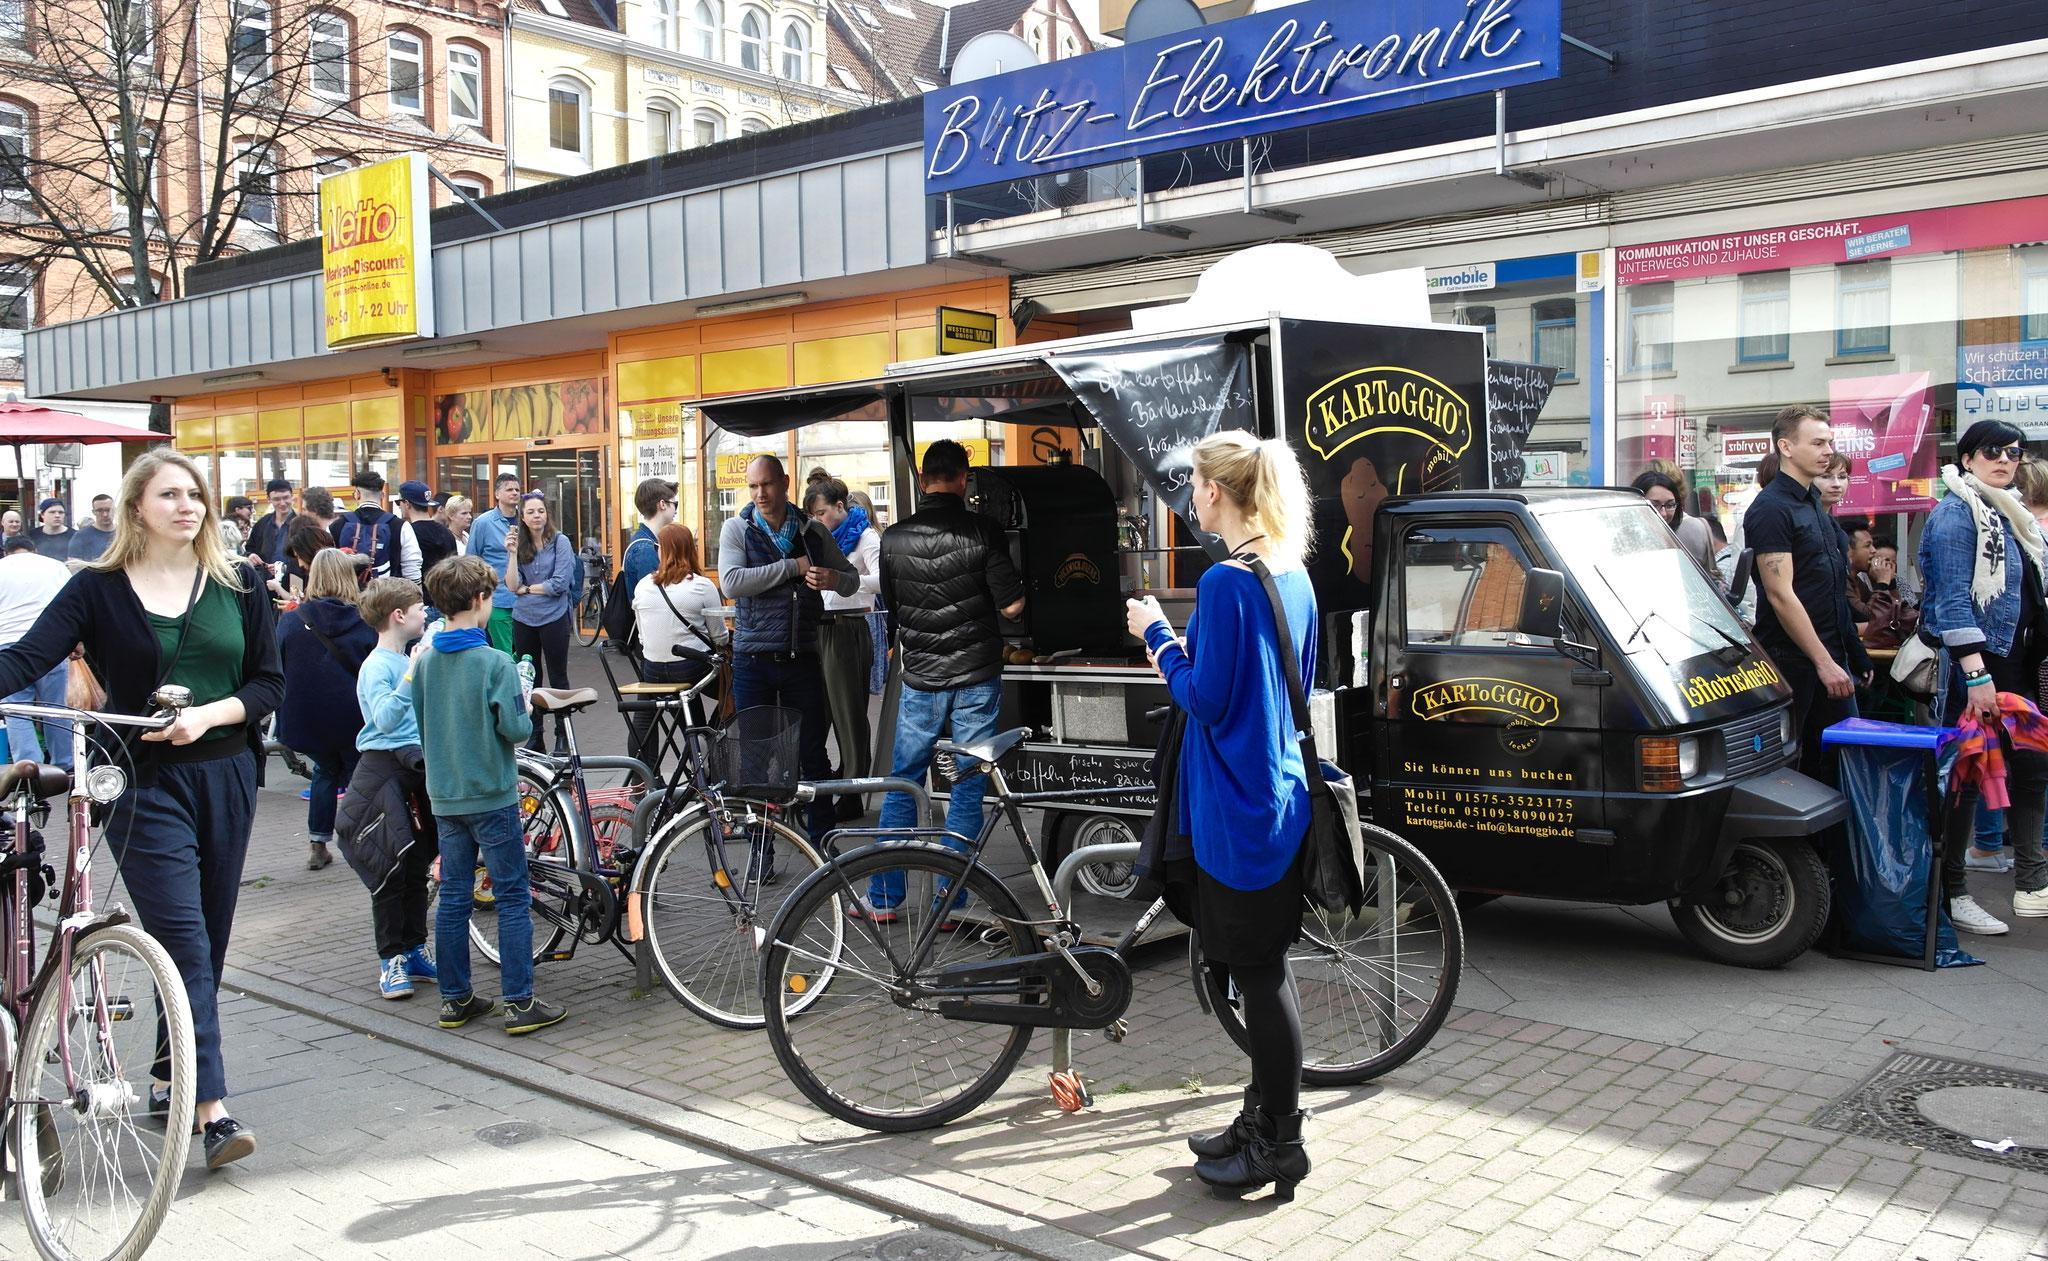 der neue Hype Limmer Straße: Ofenkartoffel von KARToGGIO